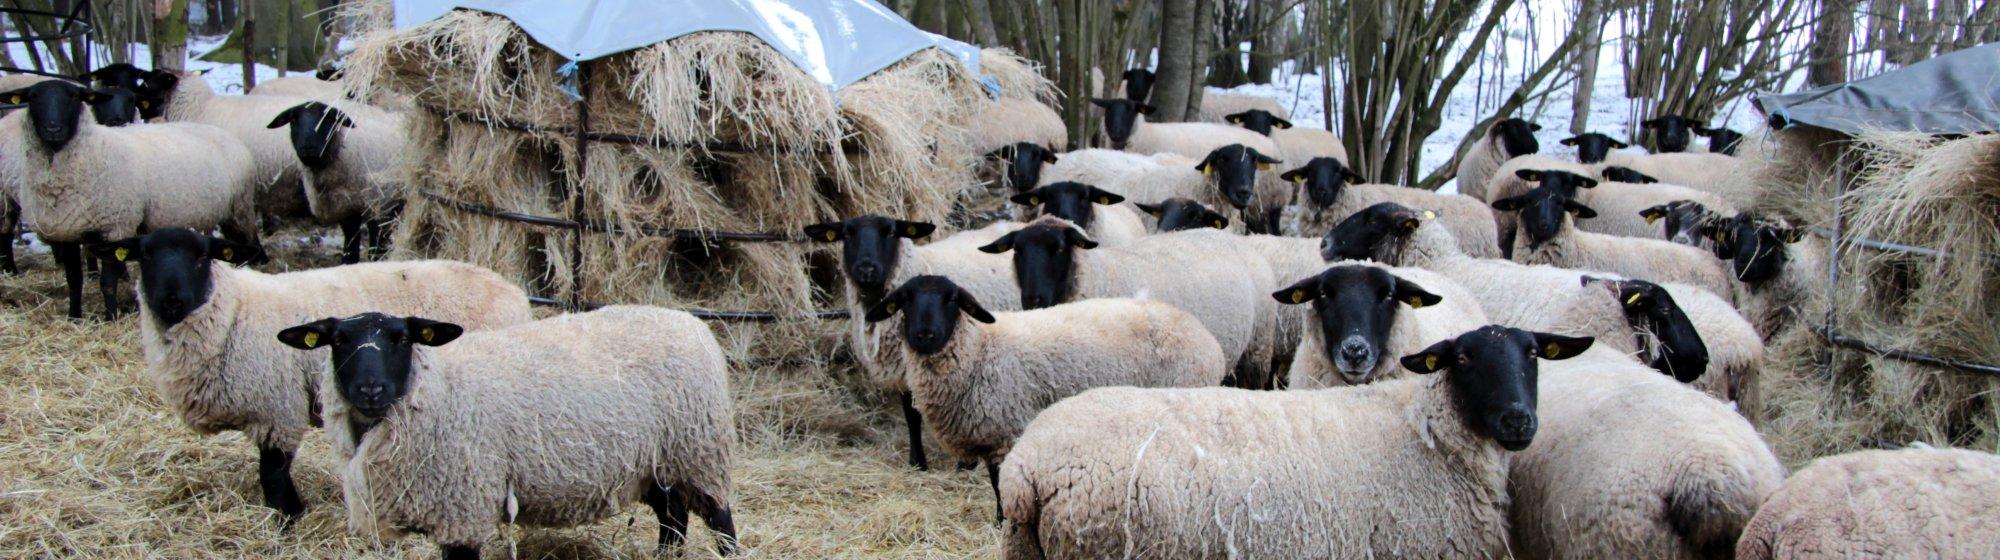 Ovce plemene suffolk